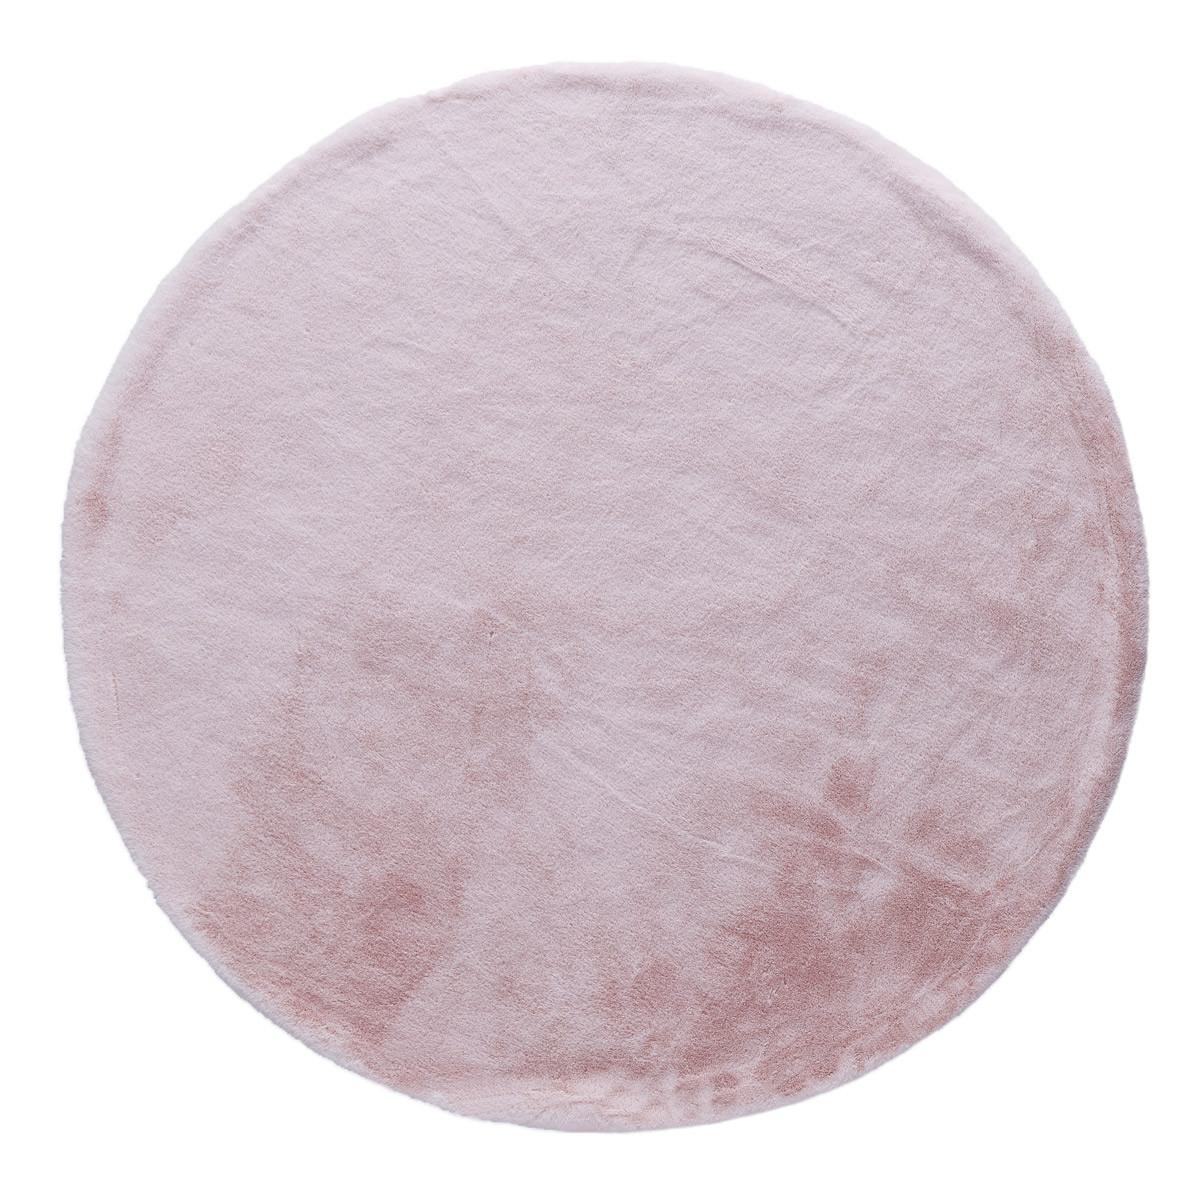 Γούνινο Στρογγυλό Χαλί (Φ160) New Plan Rabbit Skin R06 Pink